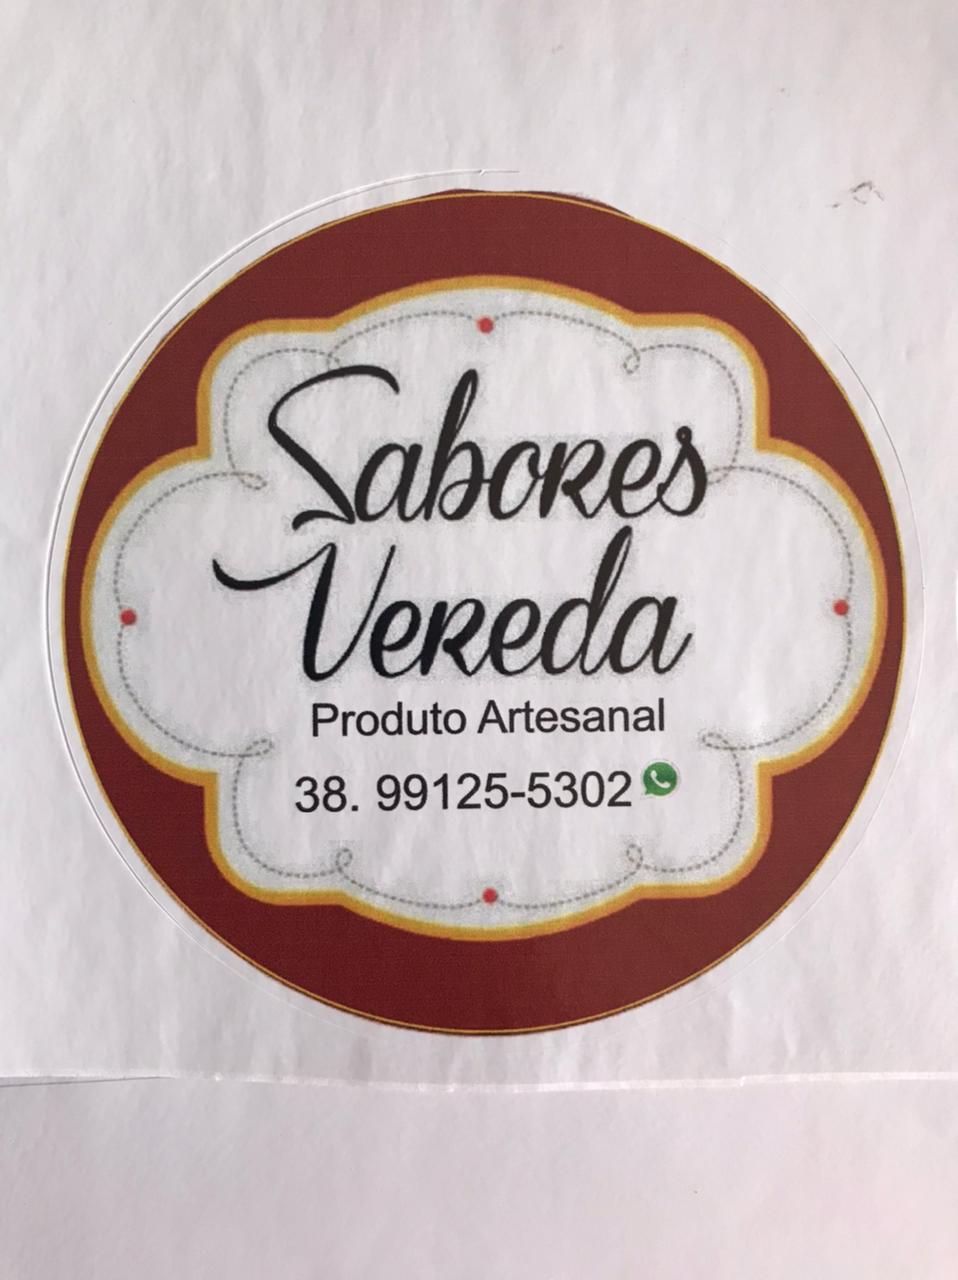 Sabores Vereda